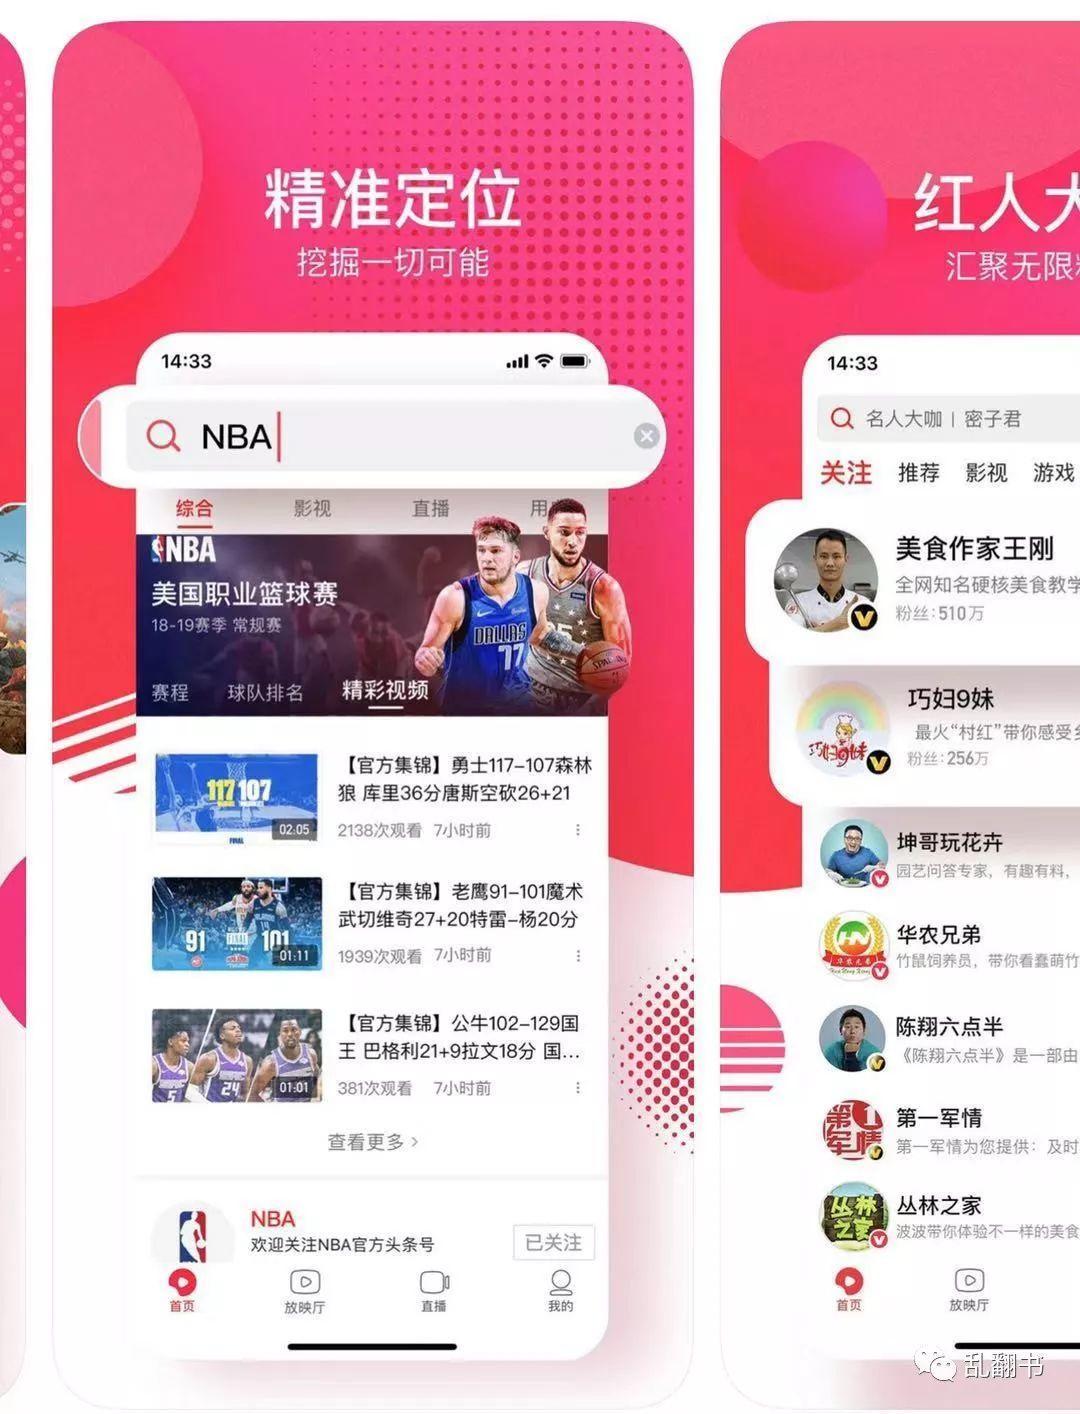 谁更接近中国的YouTube?